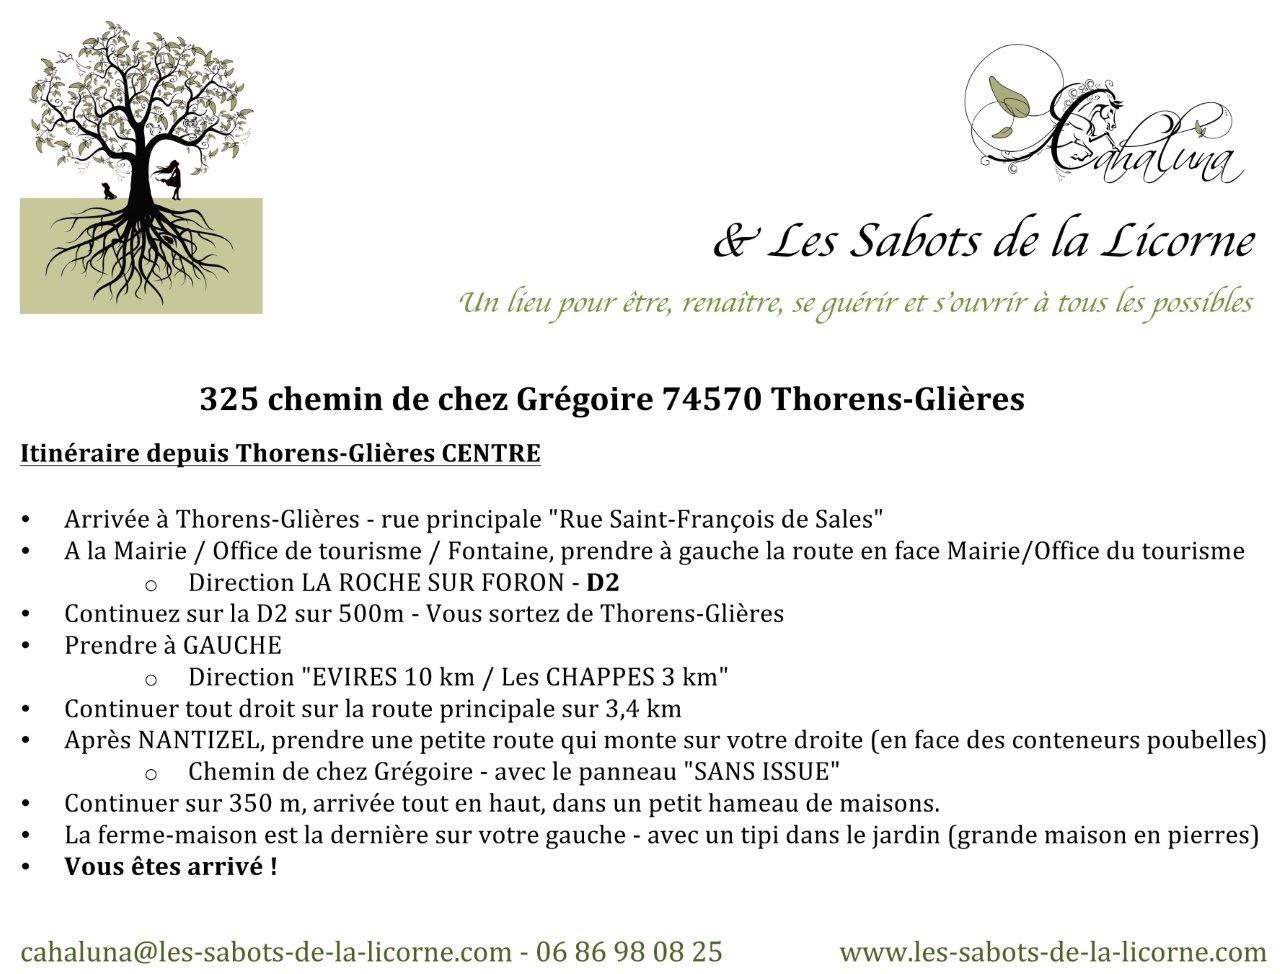 Venir-aux-Sabots-de-la-Licorne_(Itinérai